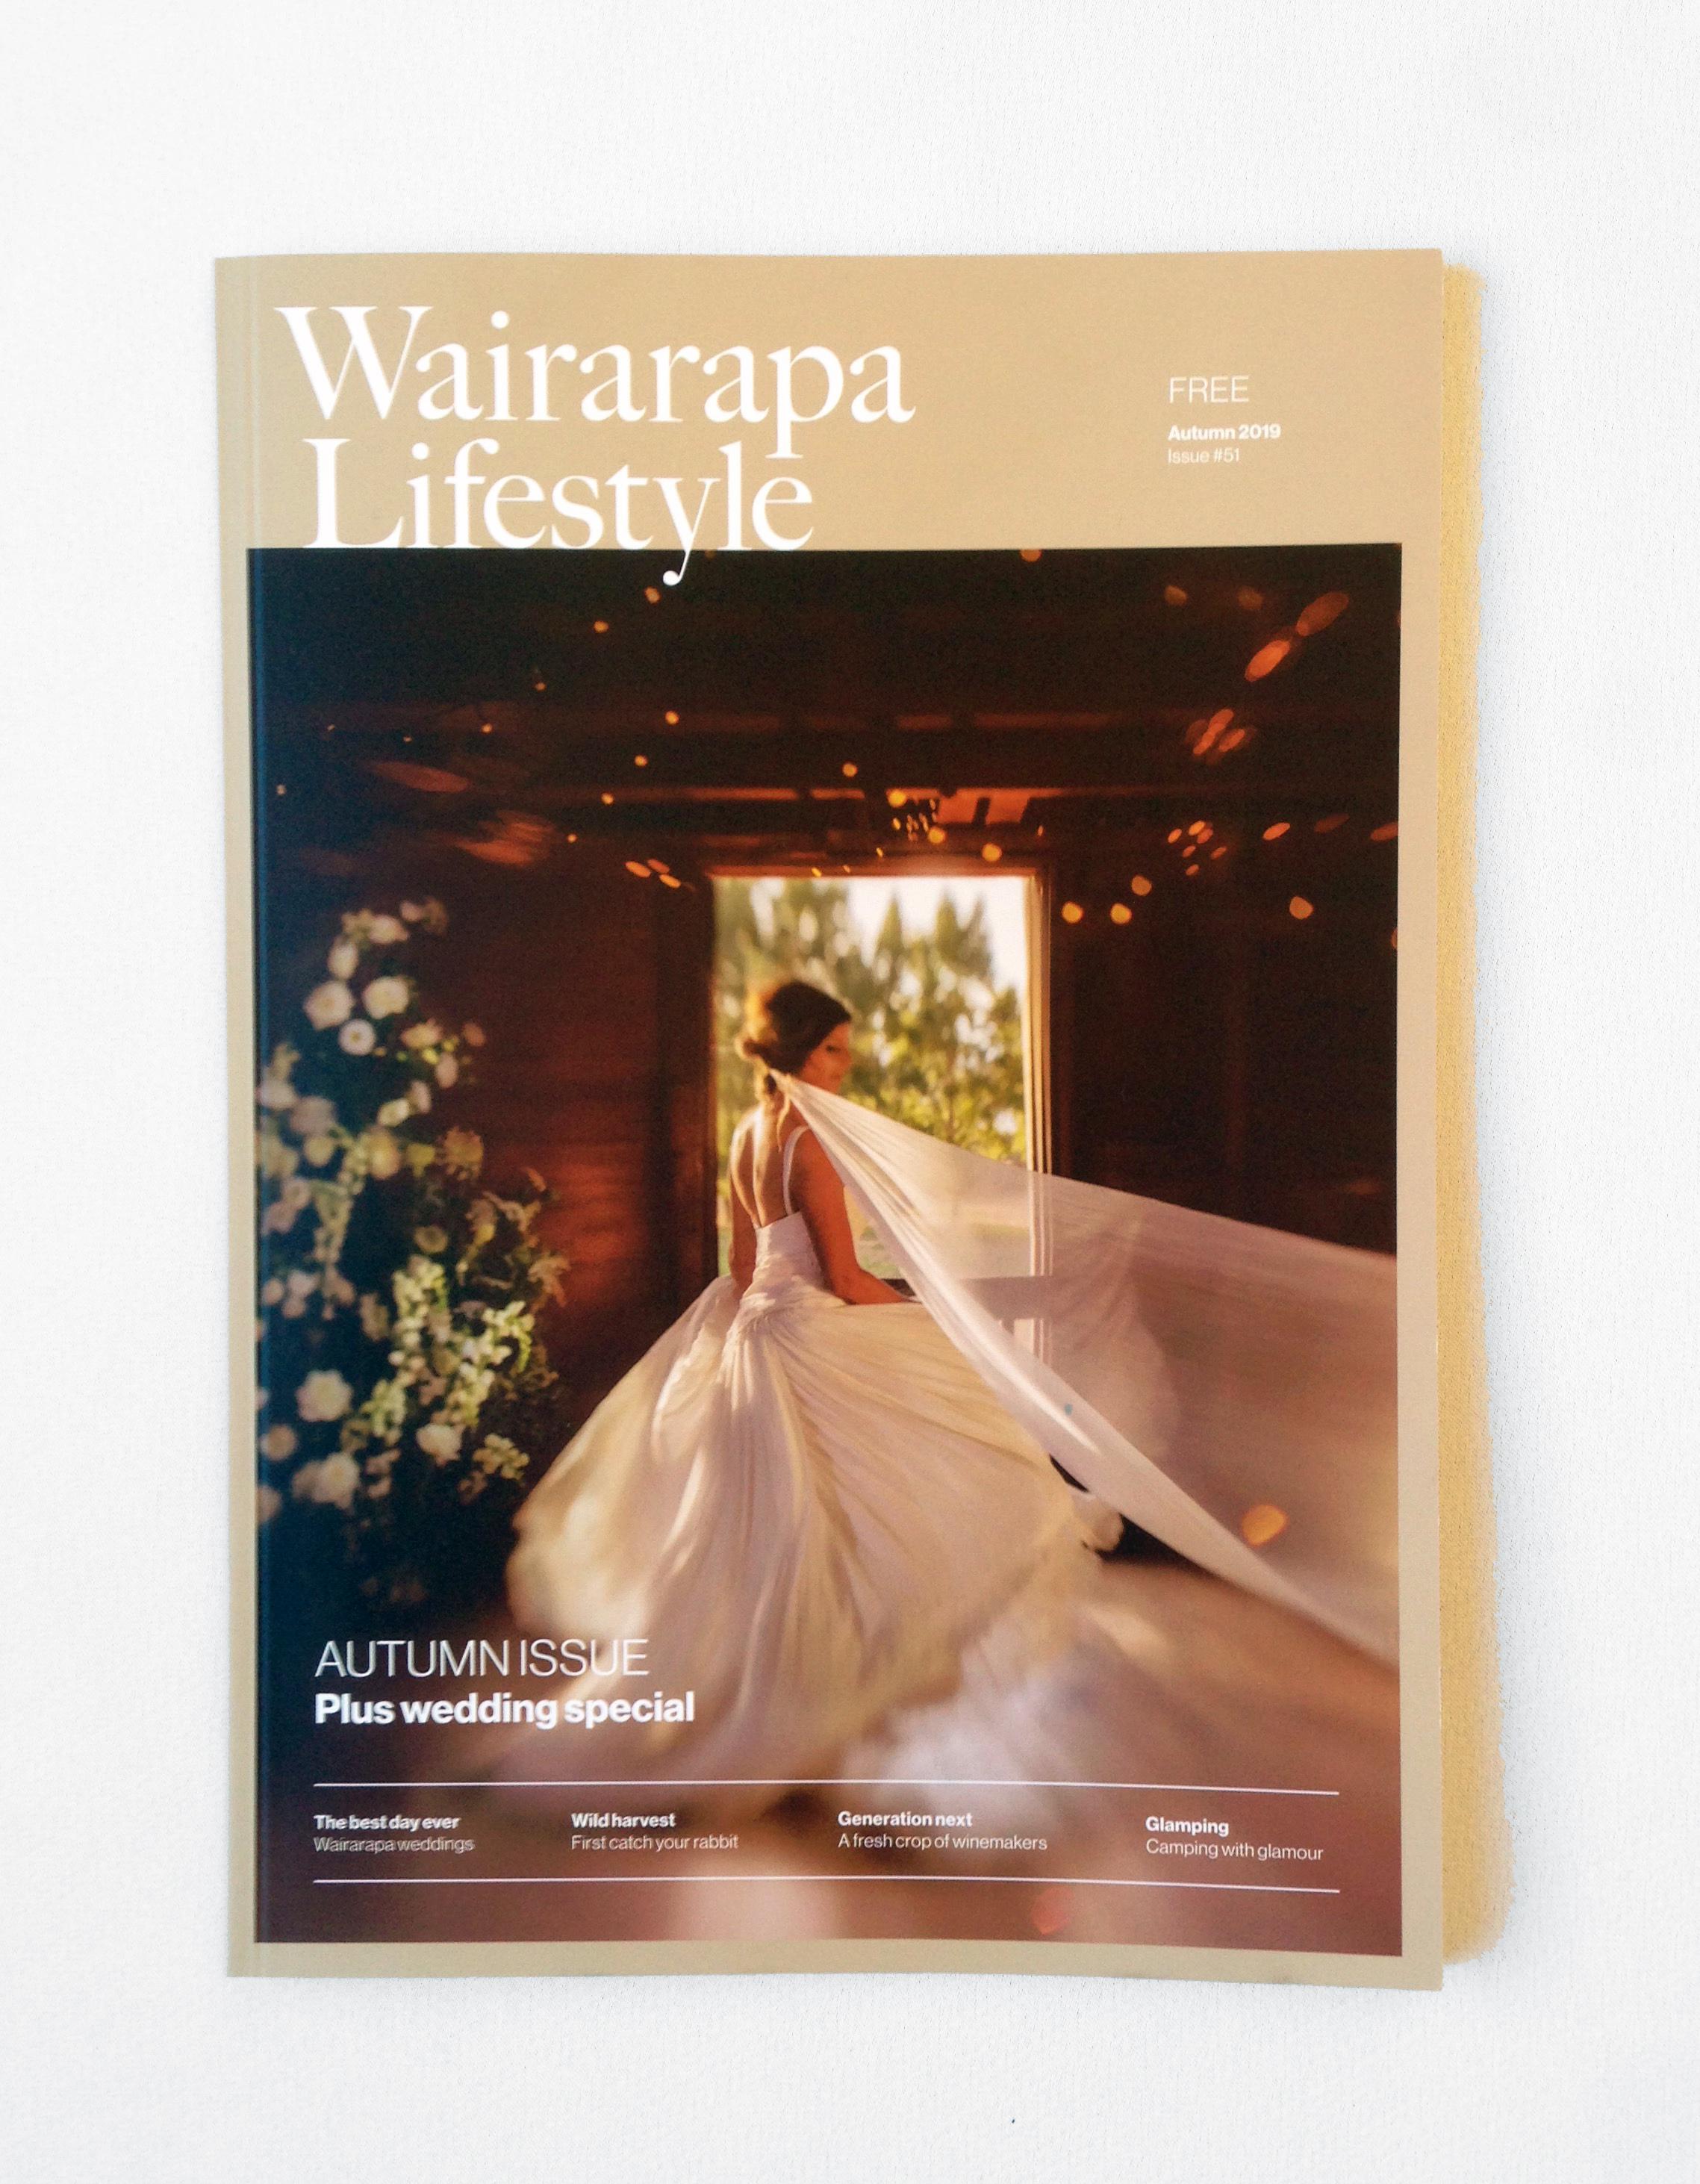 Wairarapa Lifestyle1.jpg